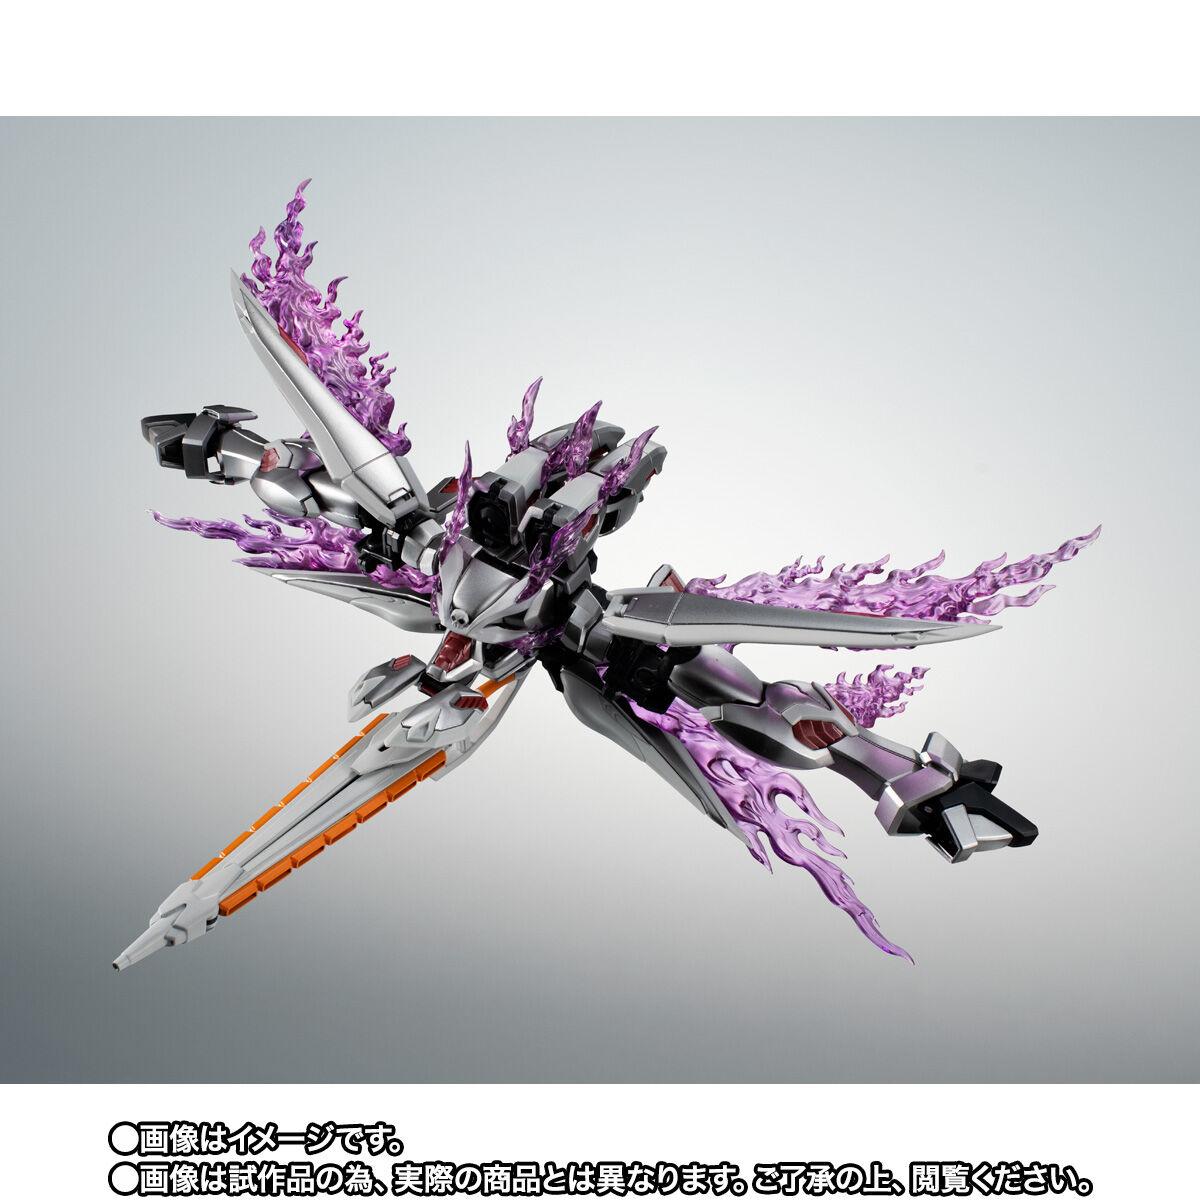 【限定販売】ROBOT魂〈SIDE MS〉『ゴーストガンダム』クロスボーン・ガンダム 可動フィギュア-010